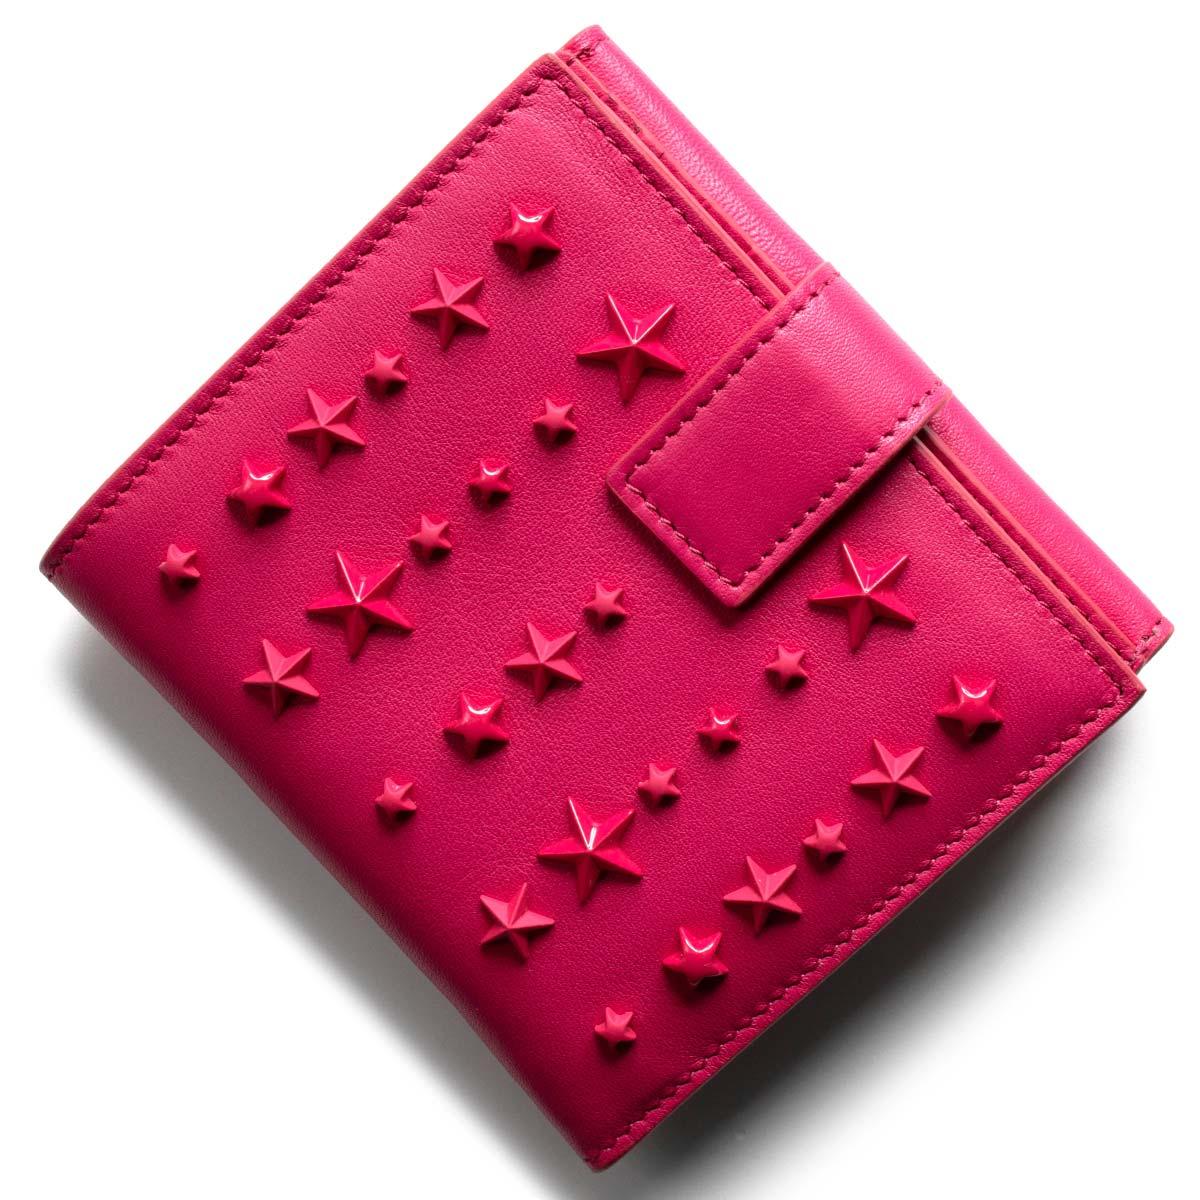 ジミーチュウ 二つ折り財布 財布 レディース フリーダ ミックスド スター スタッズ フクシャピンク FRIDA LXA 110038 FUCHSIA JIMMY CHOO